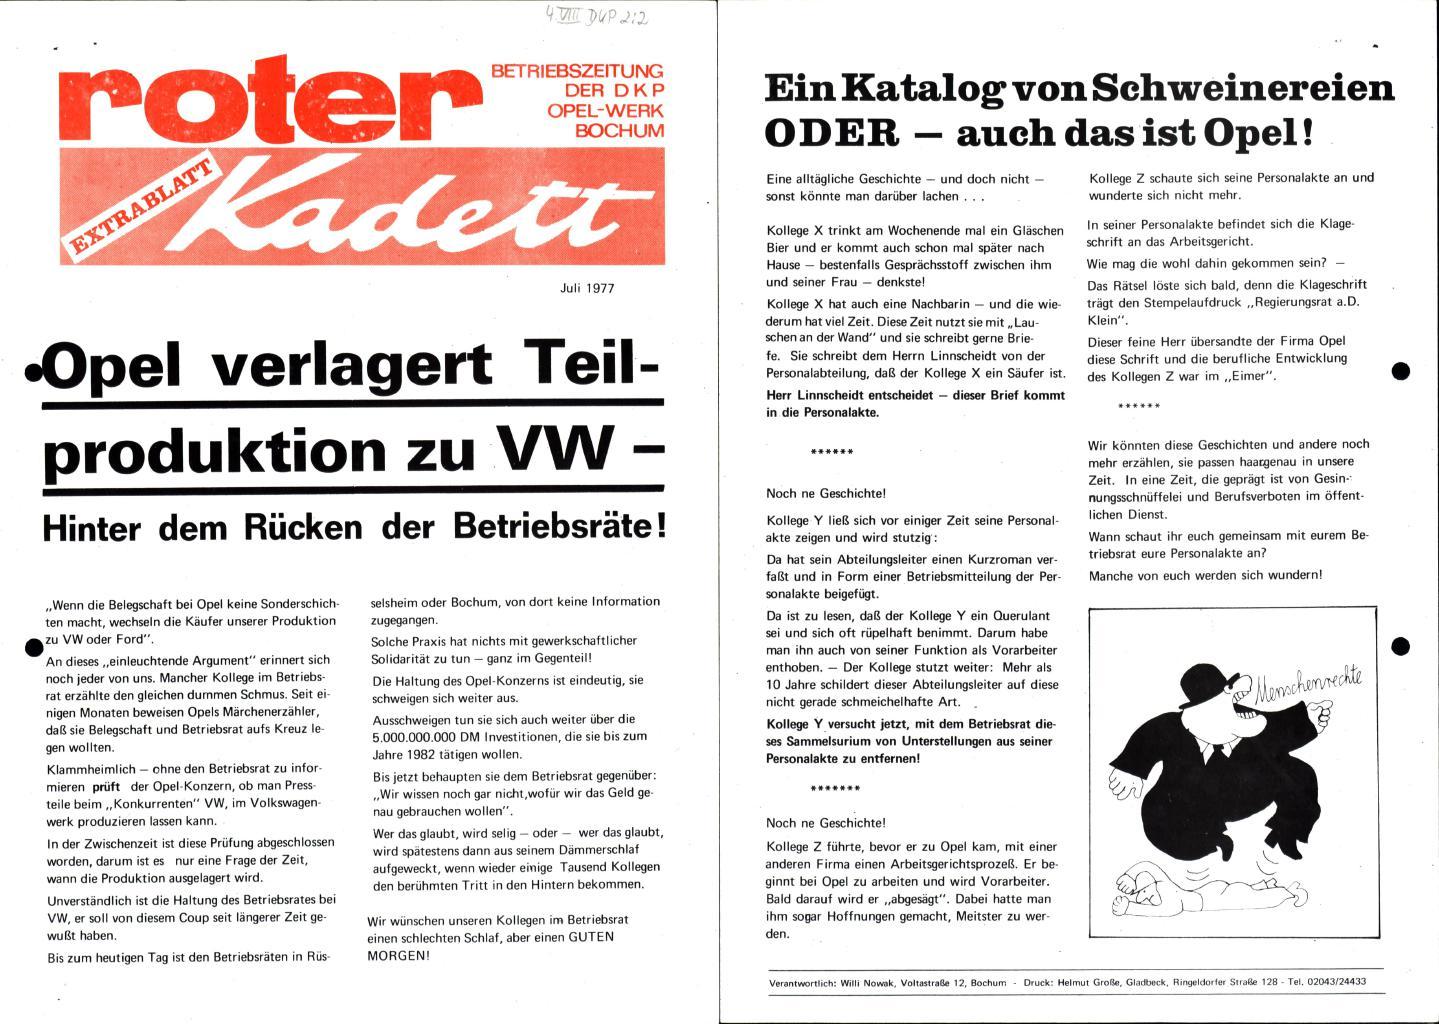 Bochum_Opel_Roter_Kadett_19770700_Extra_01